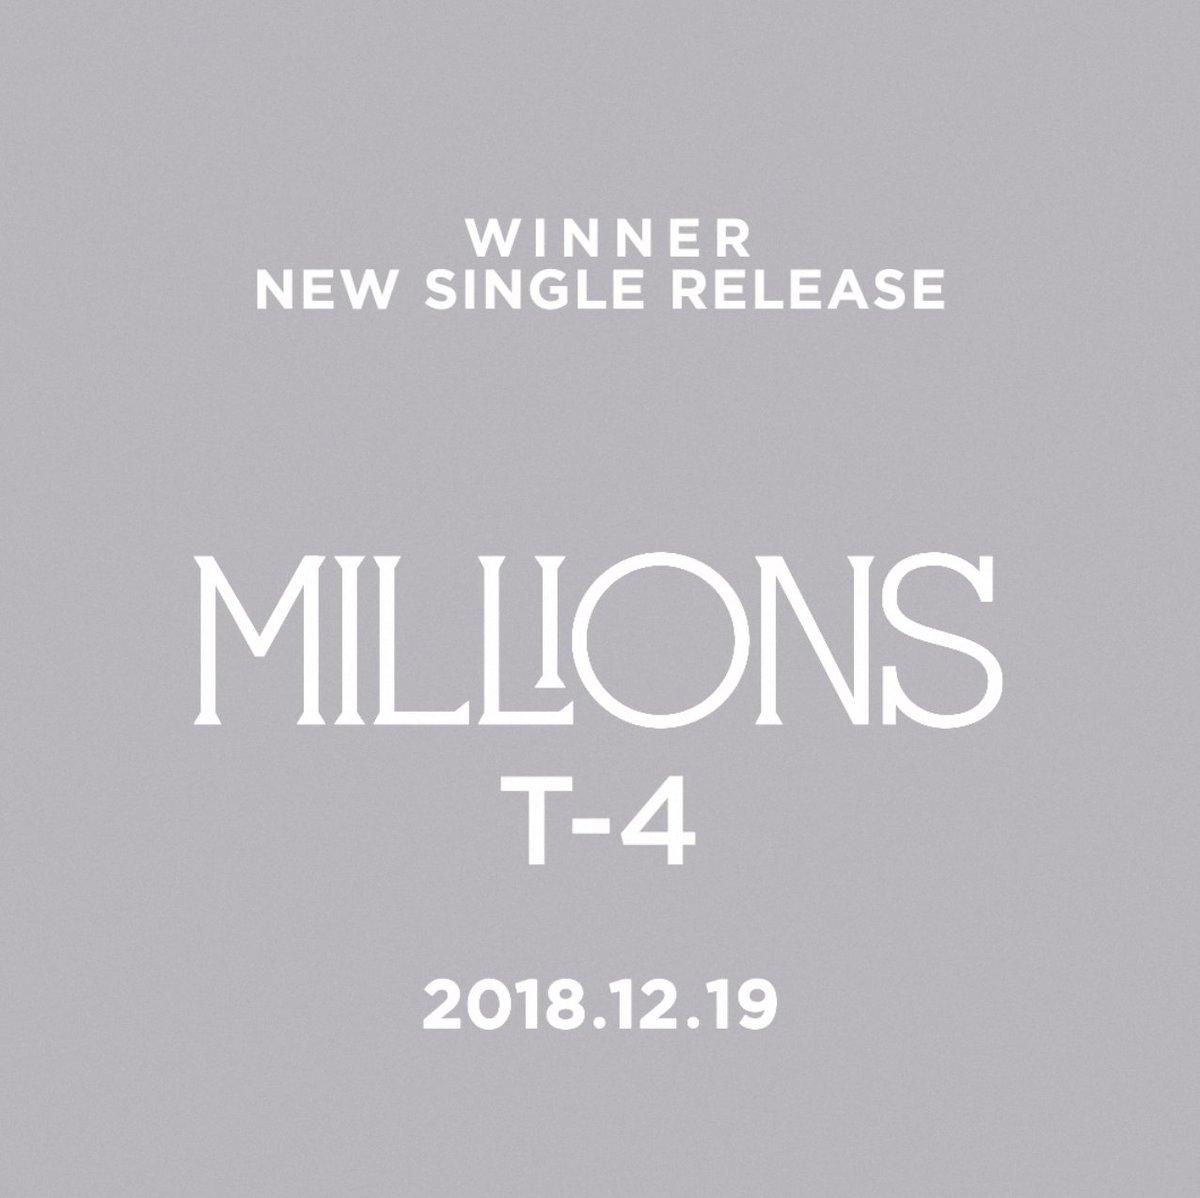 #WINNER 'MILLIONS' T-4 : MINO  New Single & M/V Release 🔜 Today 6PM(KST)  #WINNER #위너 #NEW_SINGLE #MILLIONS #T-4 #MINO #RELEASE #20181219_6PM #YG